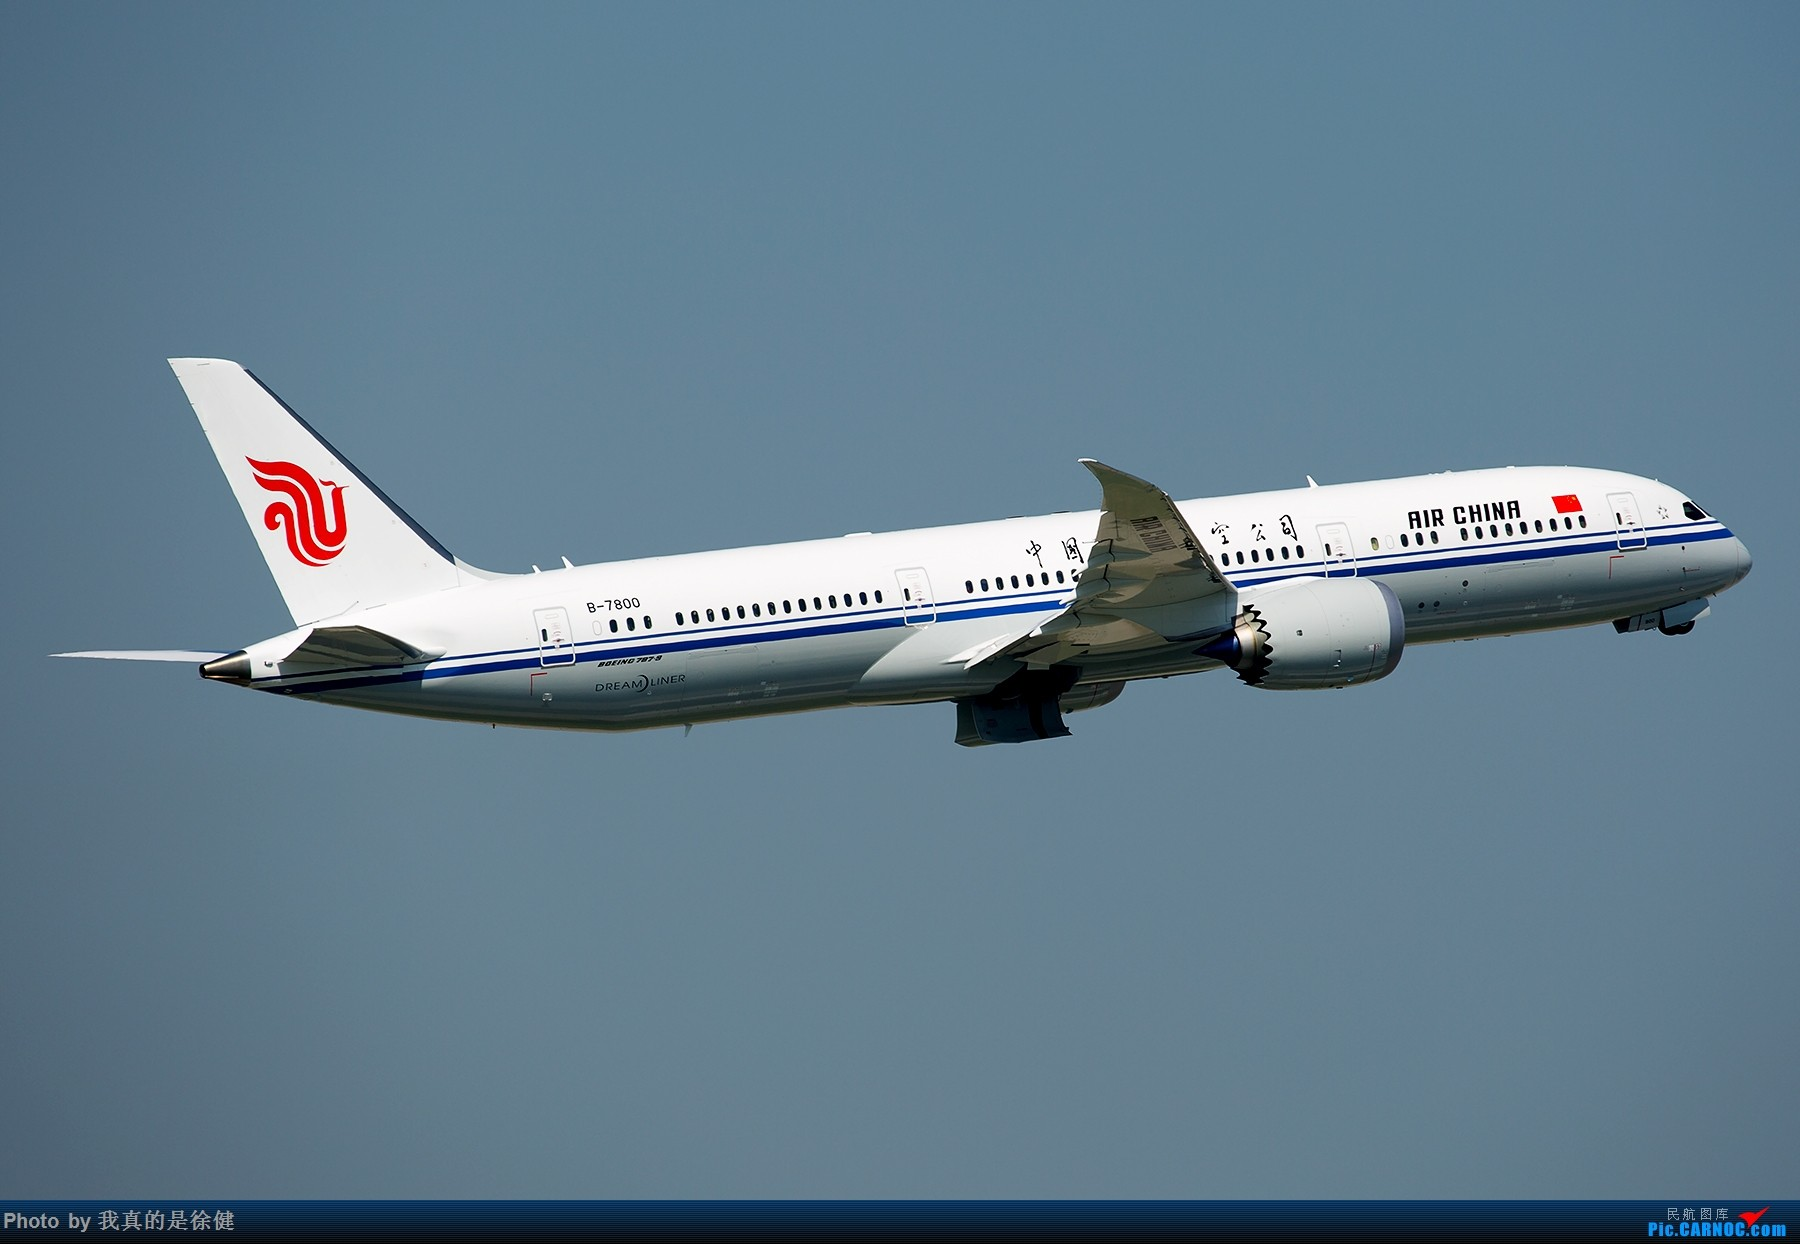 >>[原创]【一图党】1800x1200 中国国际航空 boeing787-9 b-7800